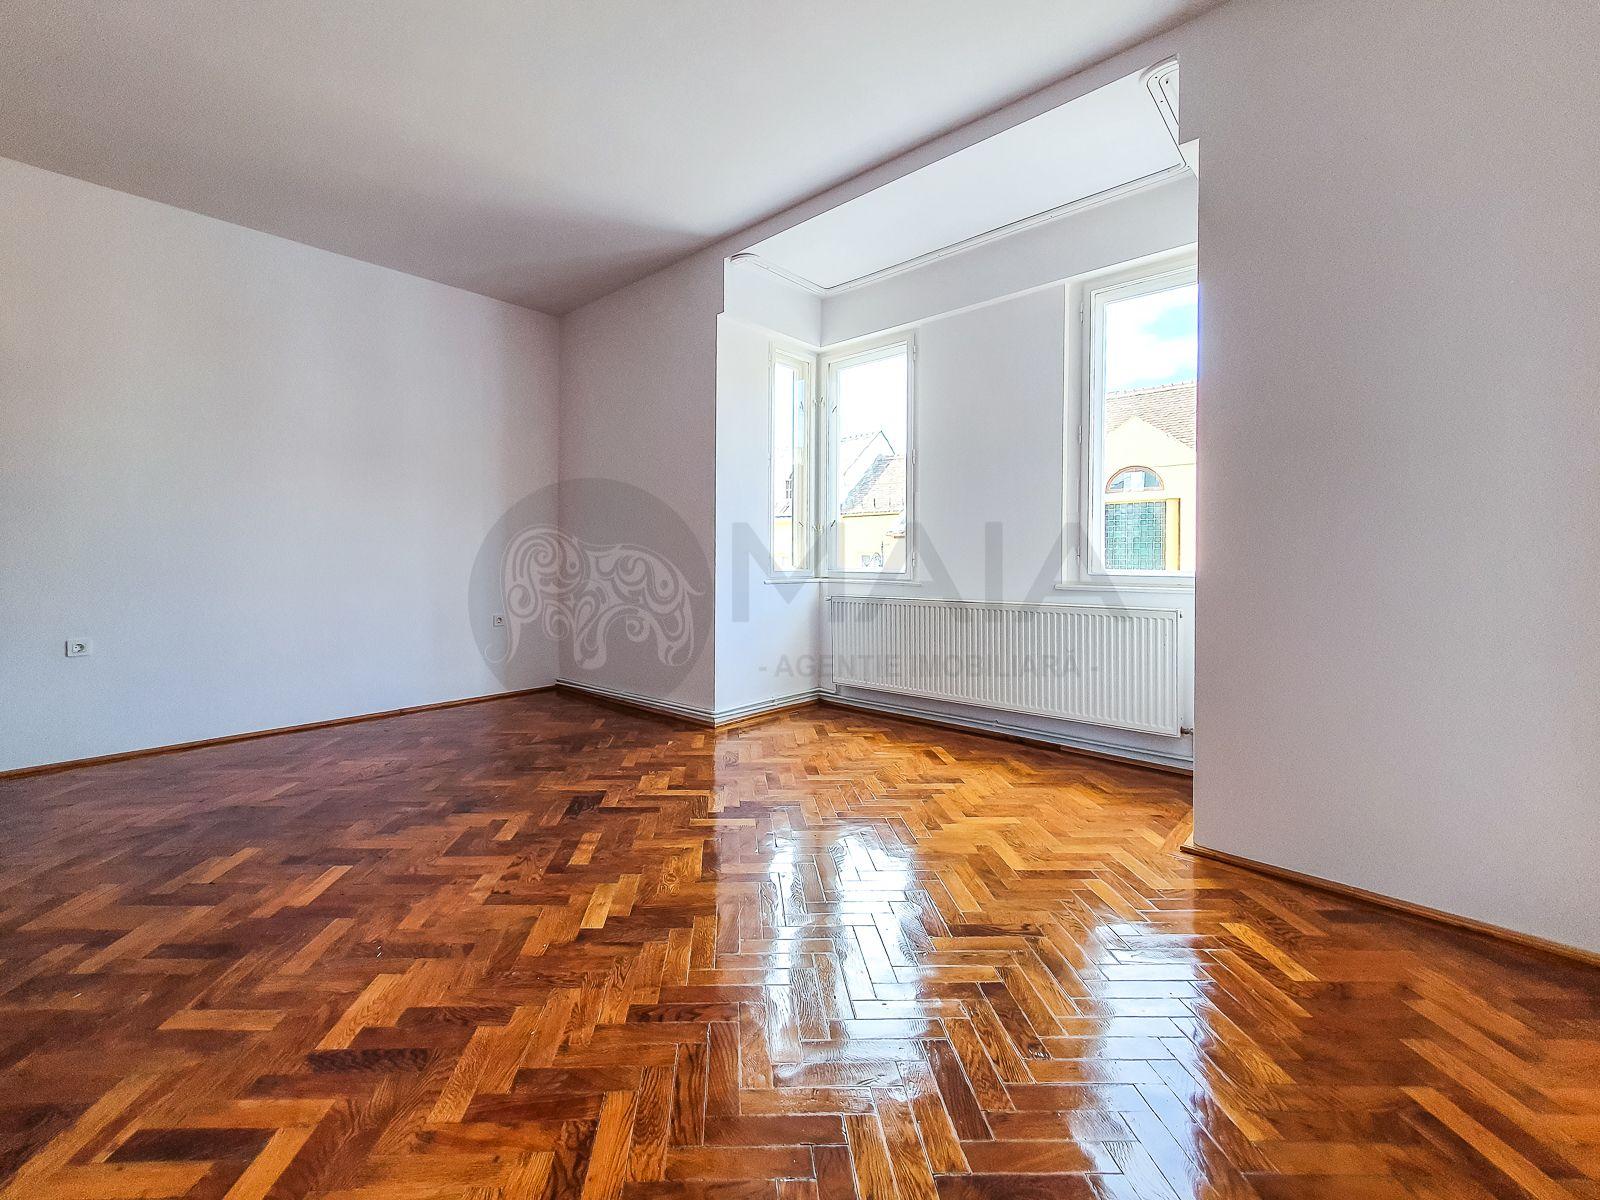 Apartament 3 camere nemobilat,100mp, et.1,renovat,parcare,Ultracentral